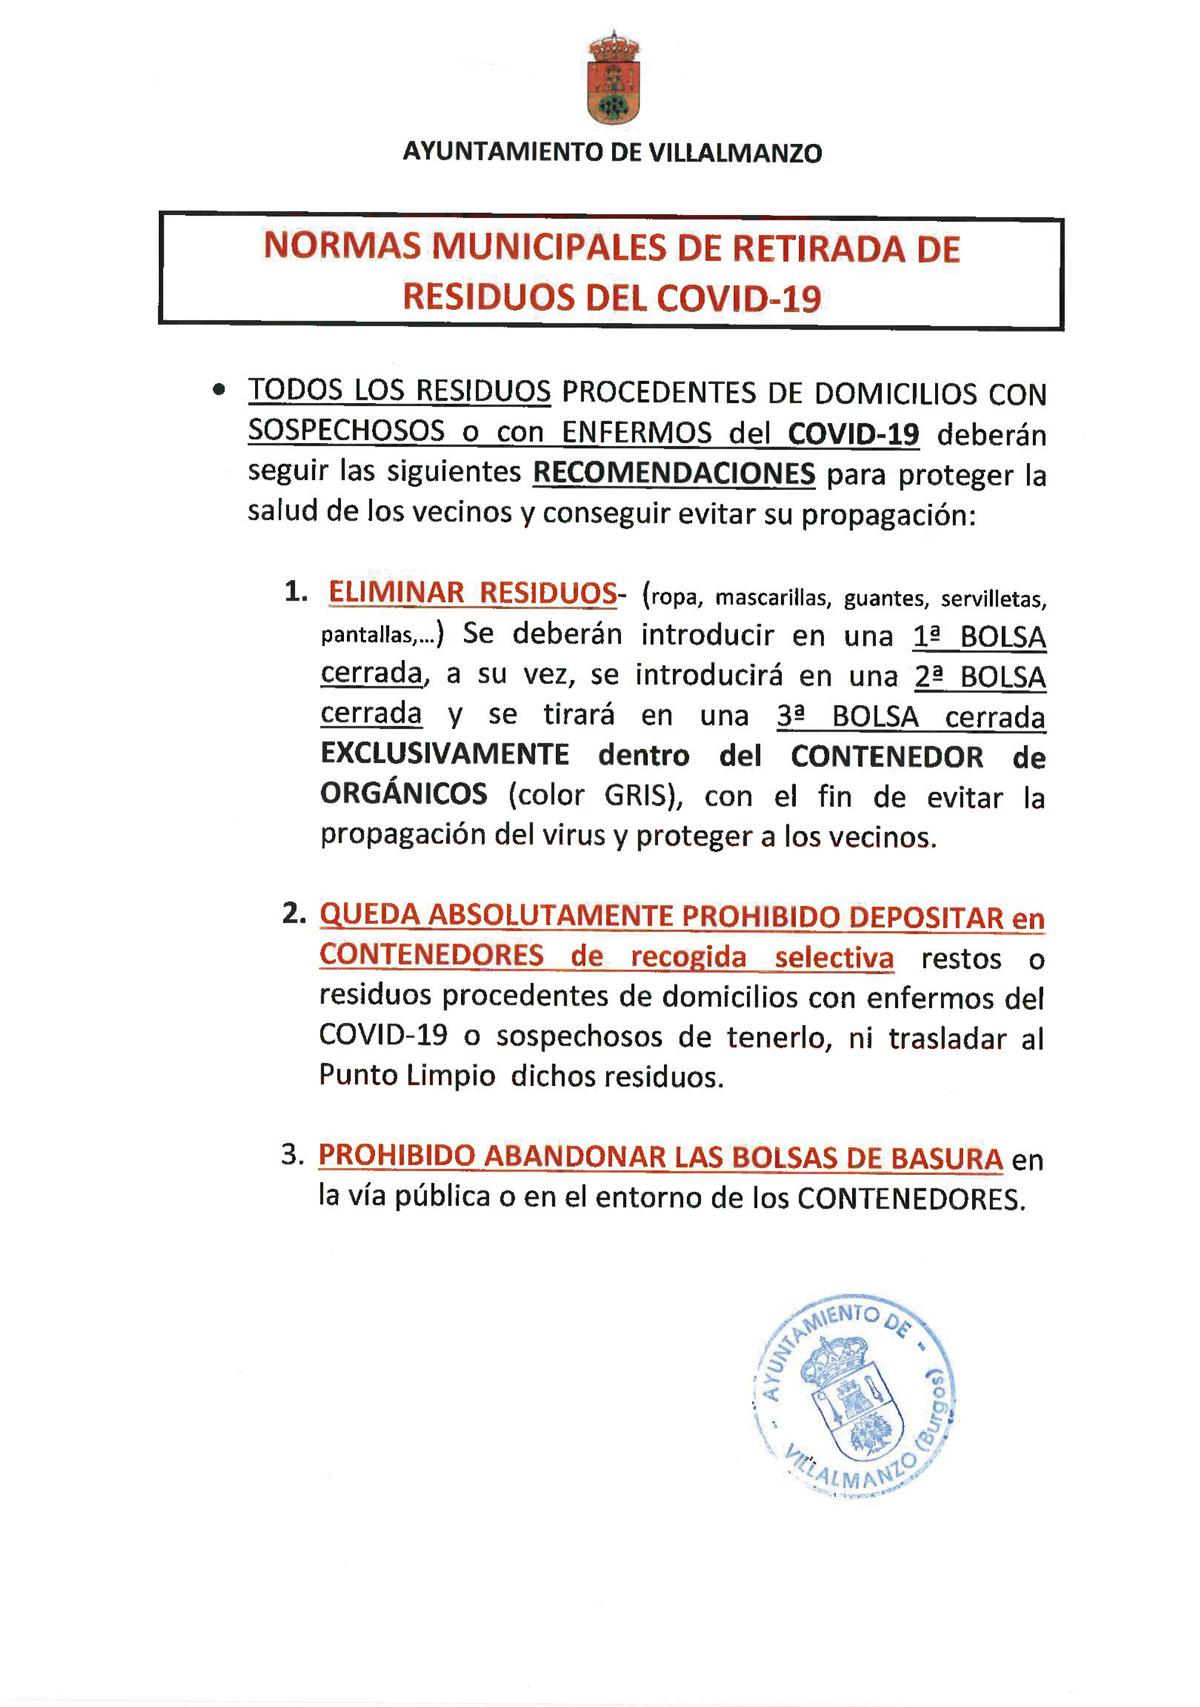 NORMAS MUNICIPALES DE RETIRADA DE RESIDUOS DEL COVID-19